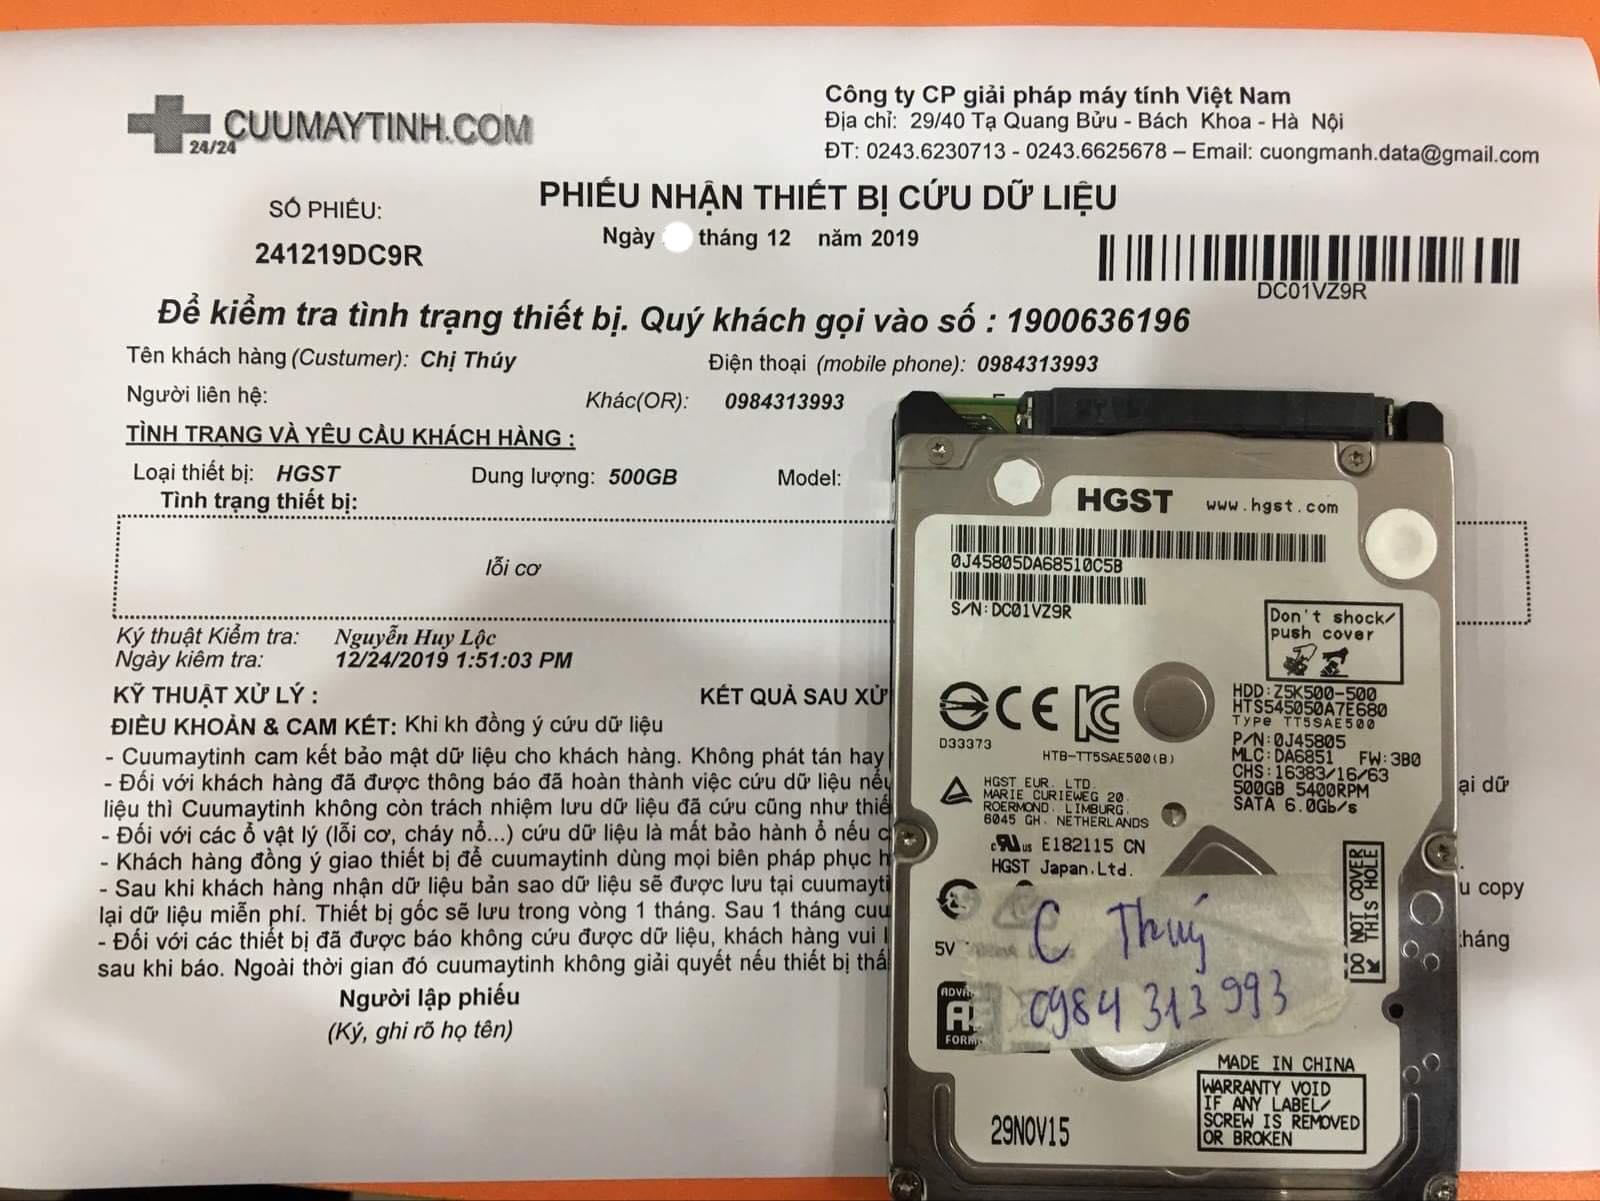 Khôi phục dữ liệu ổ cứng HGST 500GB lỗi cơ 27/12/2019 - cuumaytinh